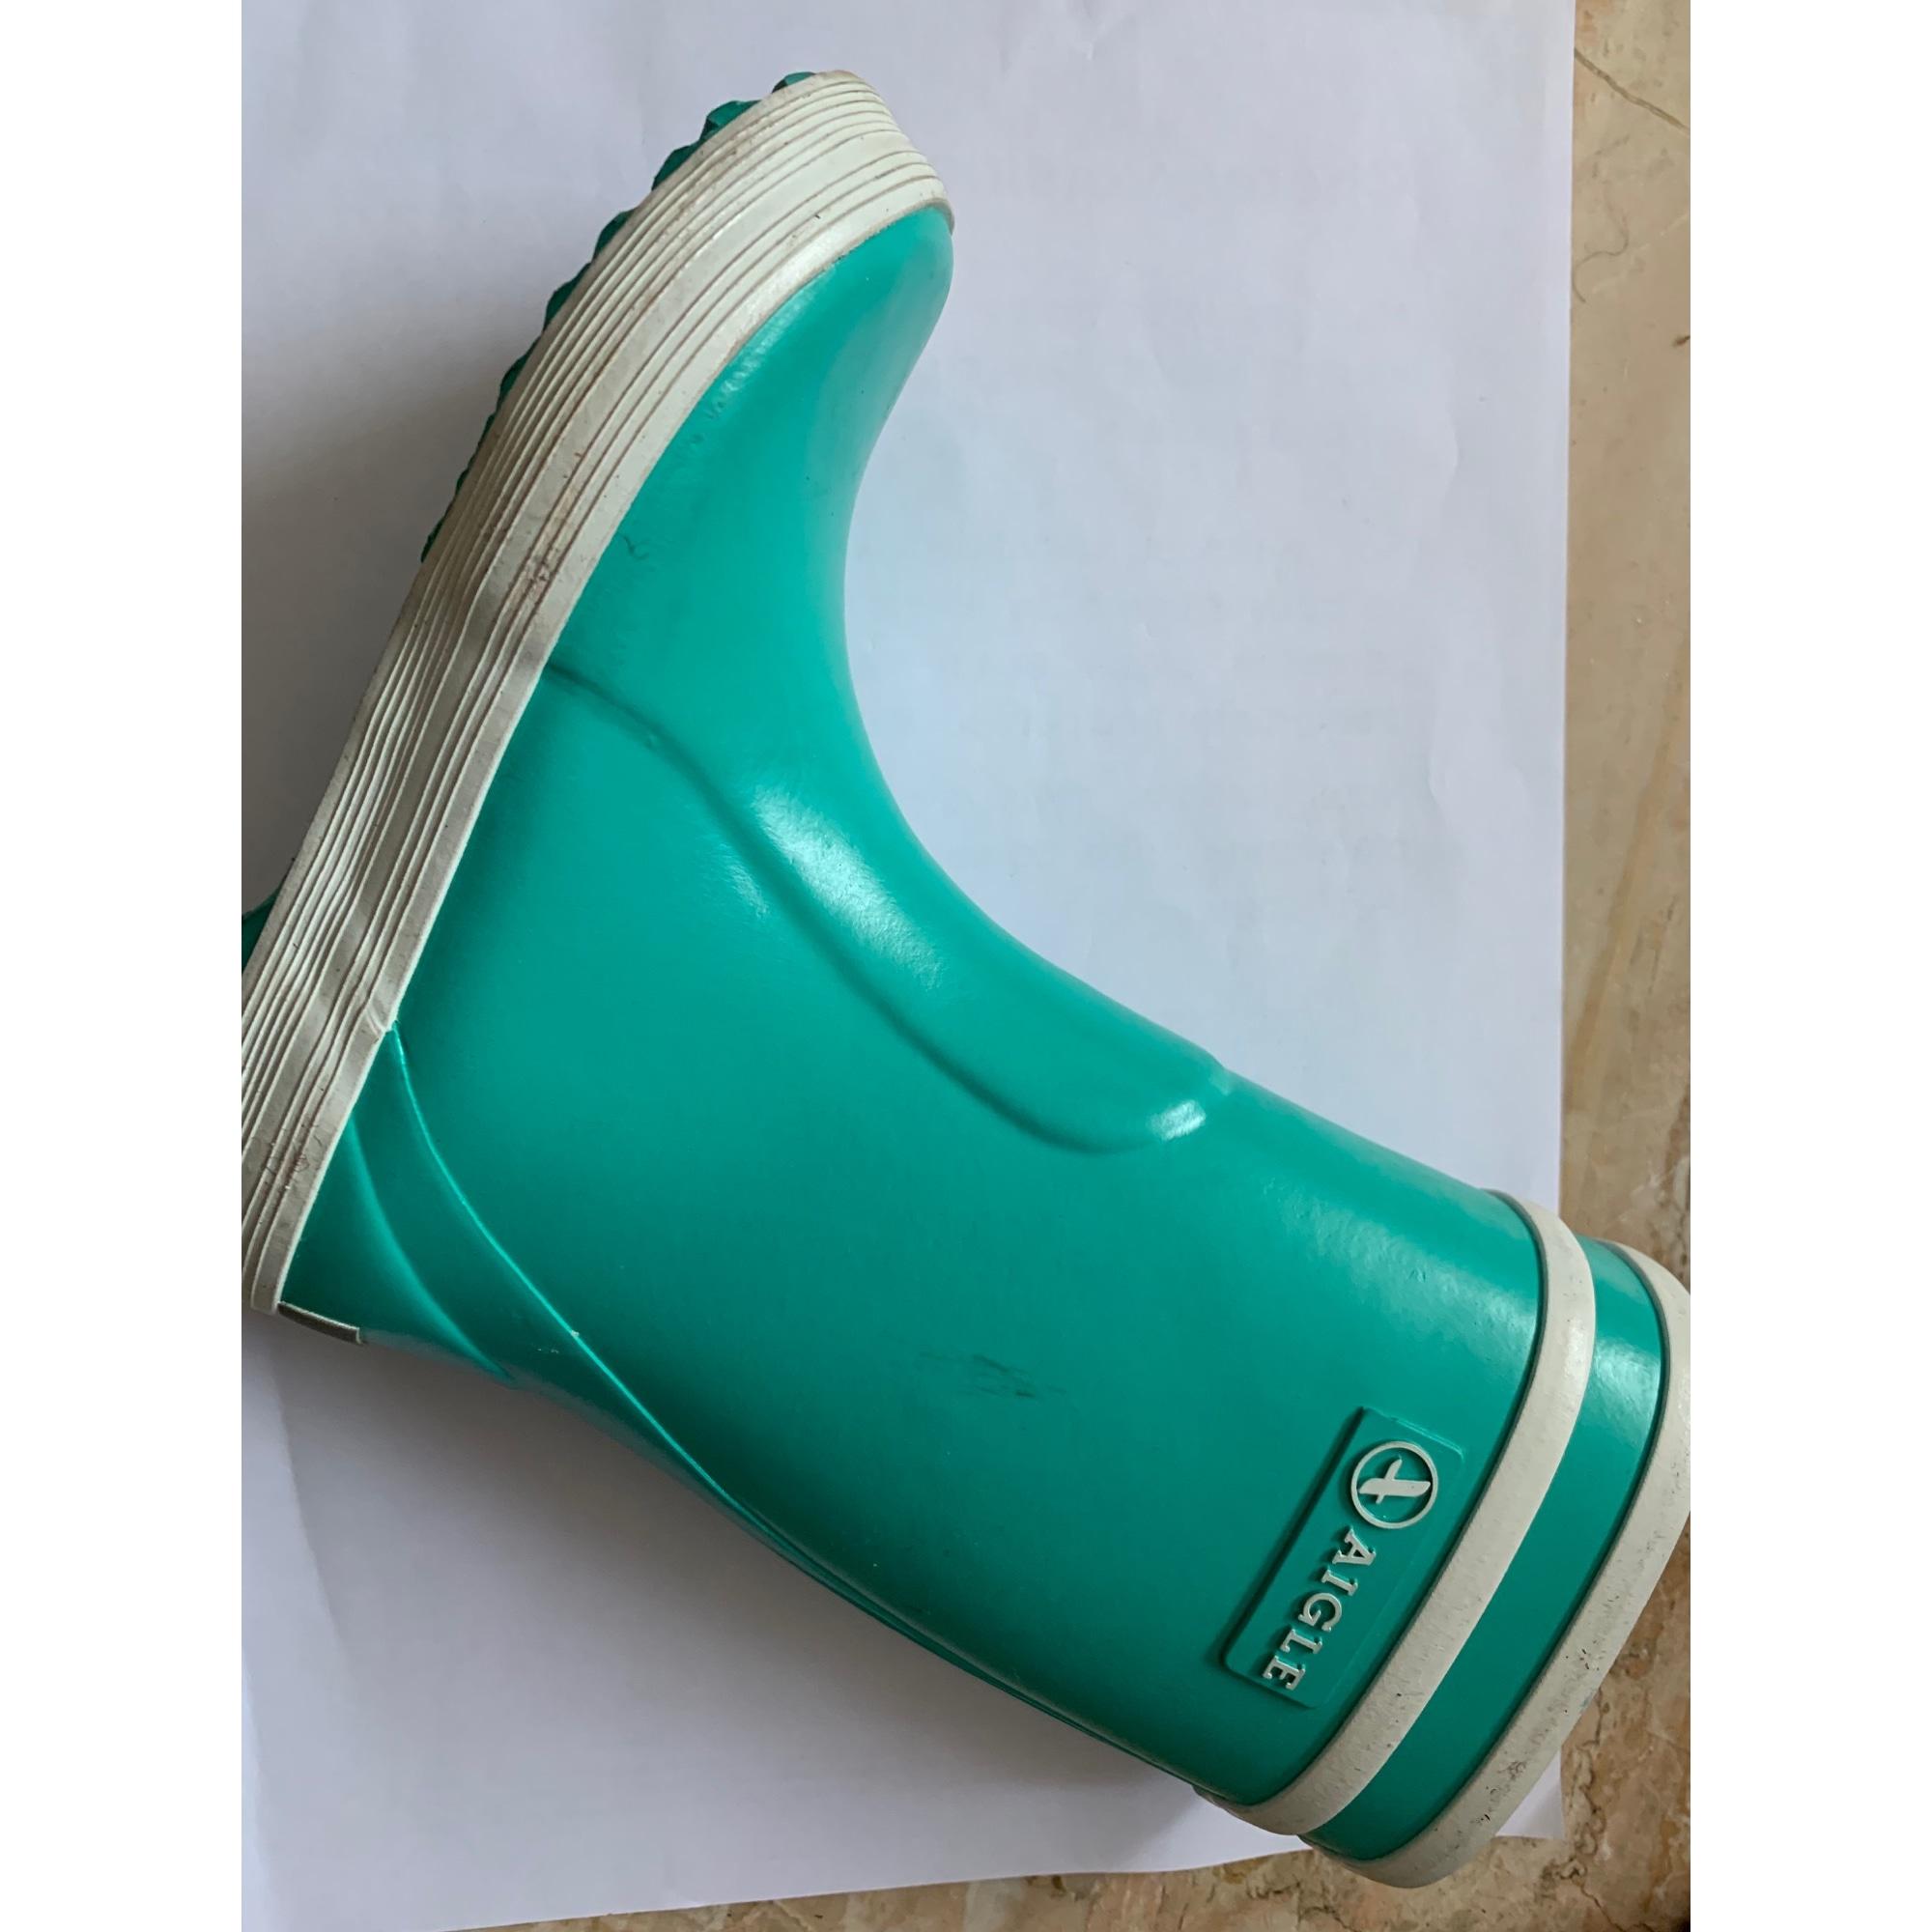 Bottes de pluie AIGLE caoutchouc vert 24